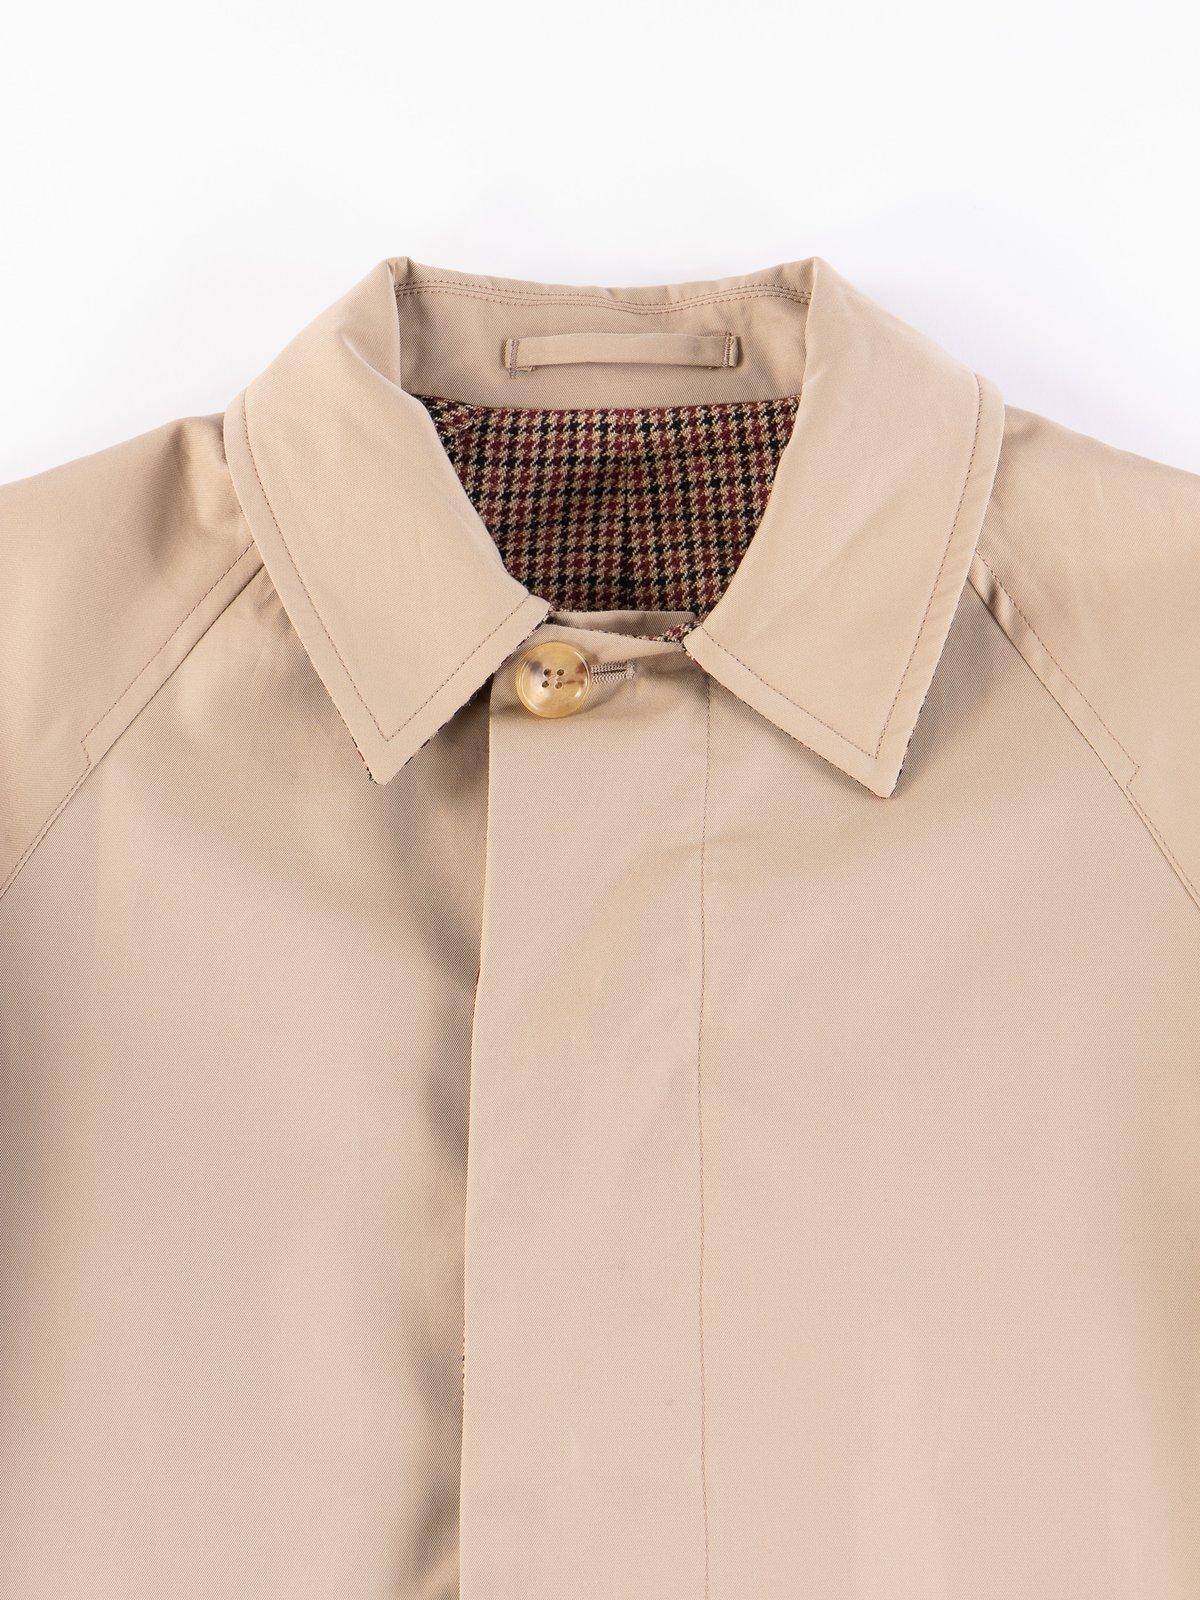 Light Khaki/Gunclub Reversible Balmacaan Coat - Image 4